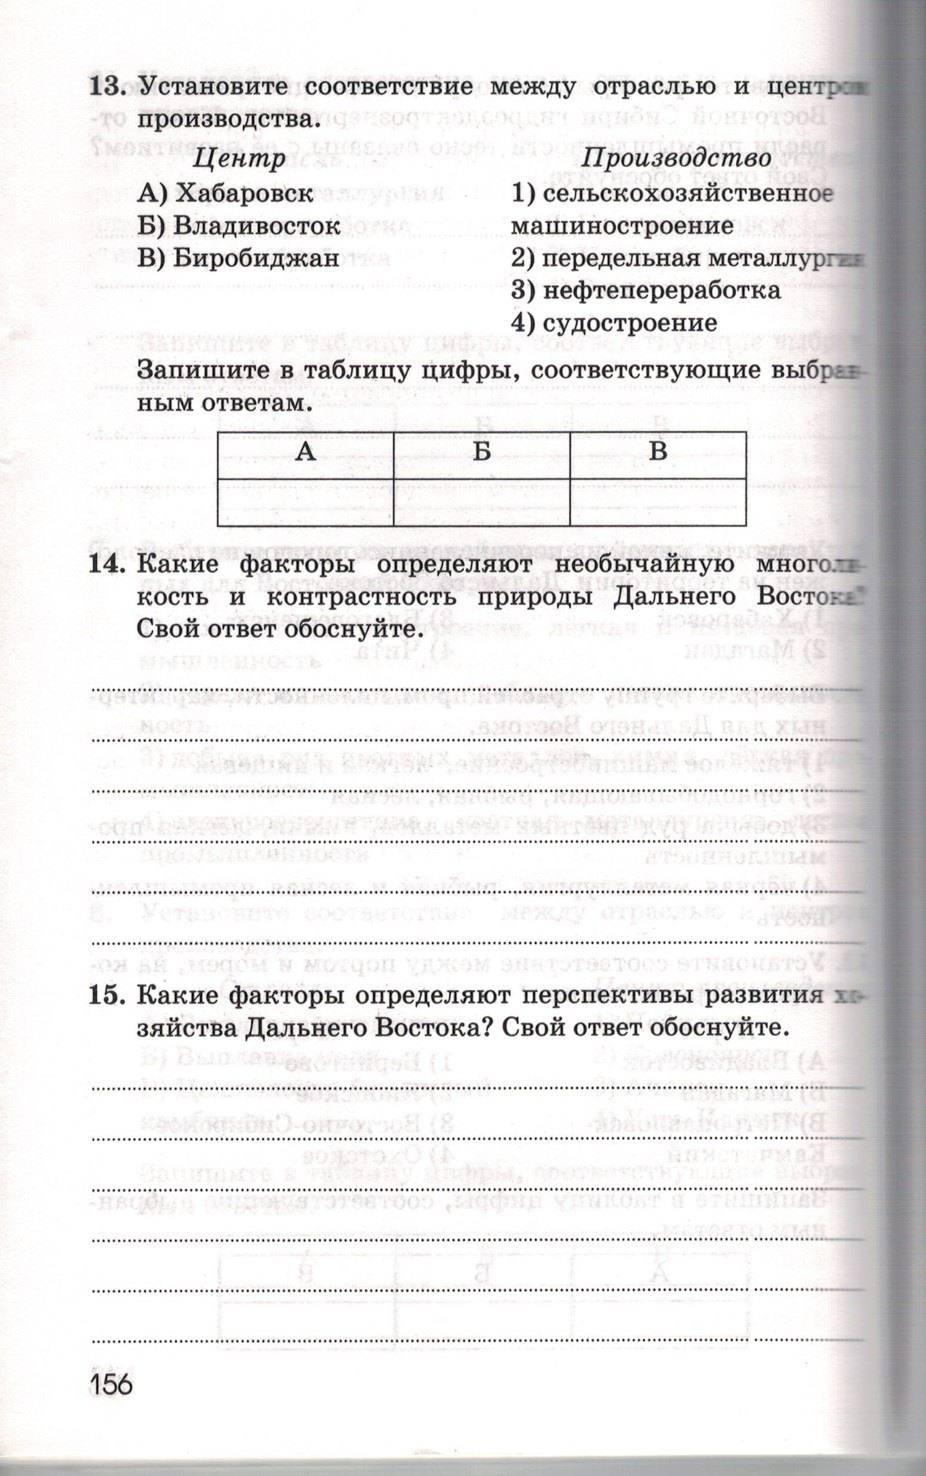 гдз по географии ким марченко низовцев 8 класс